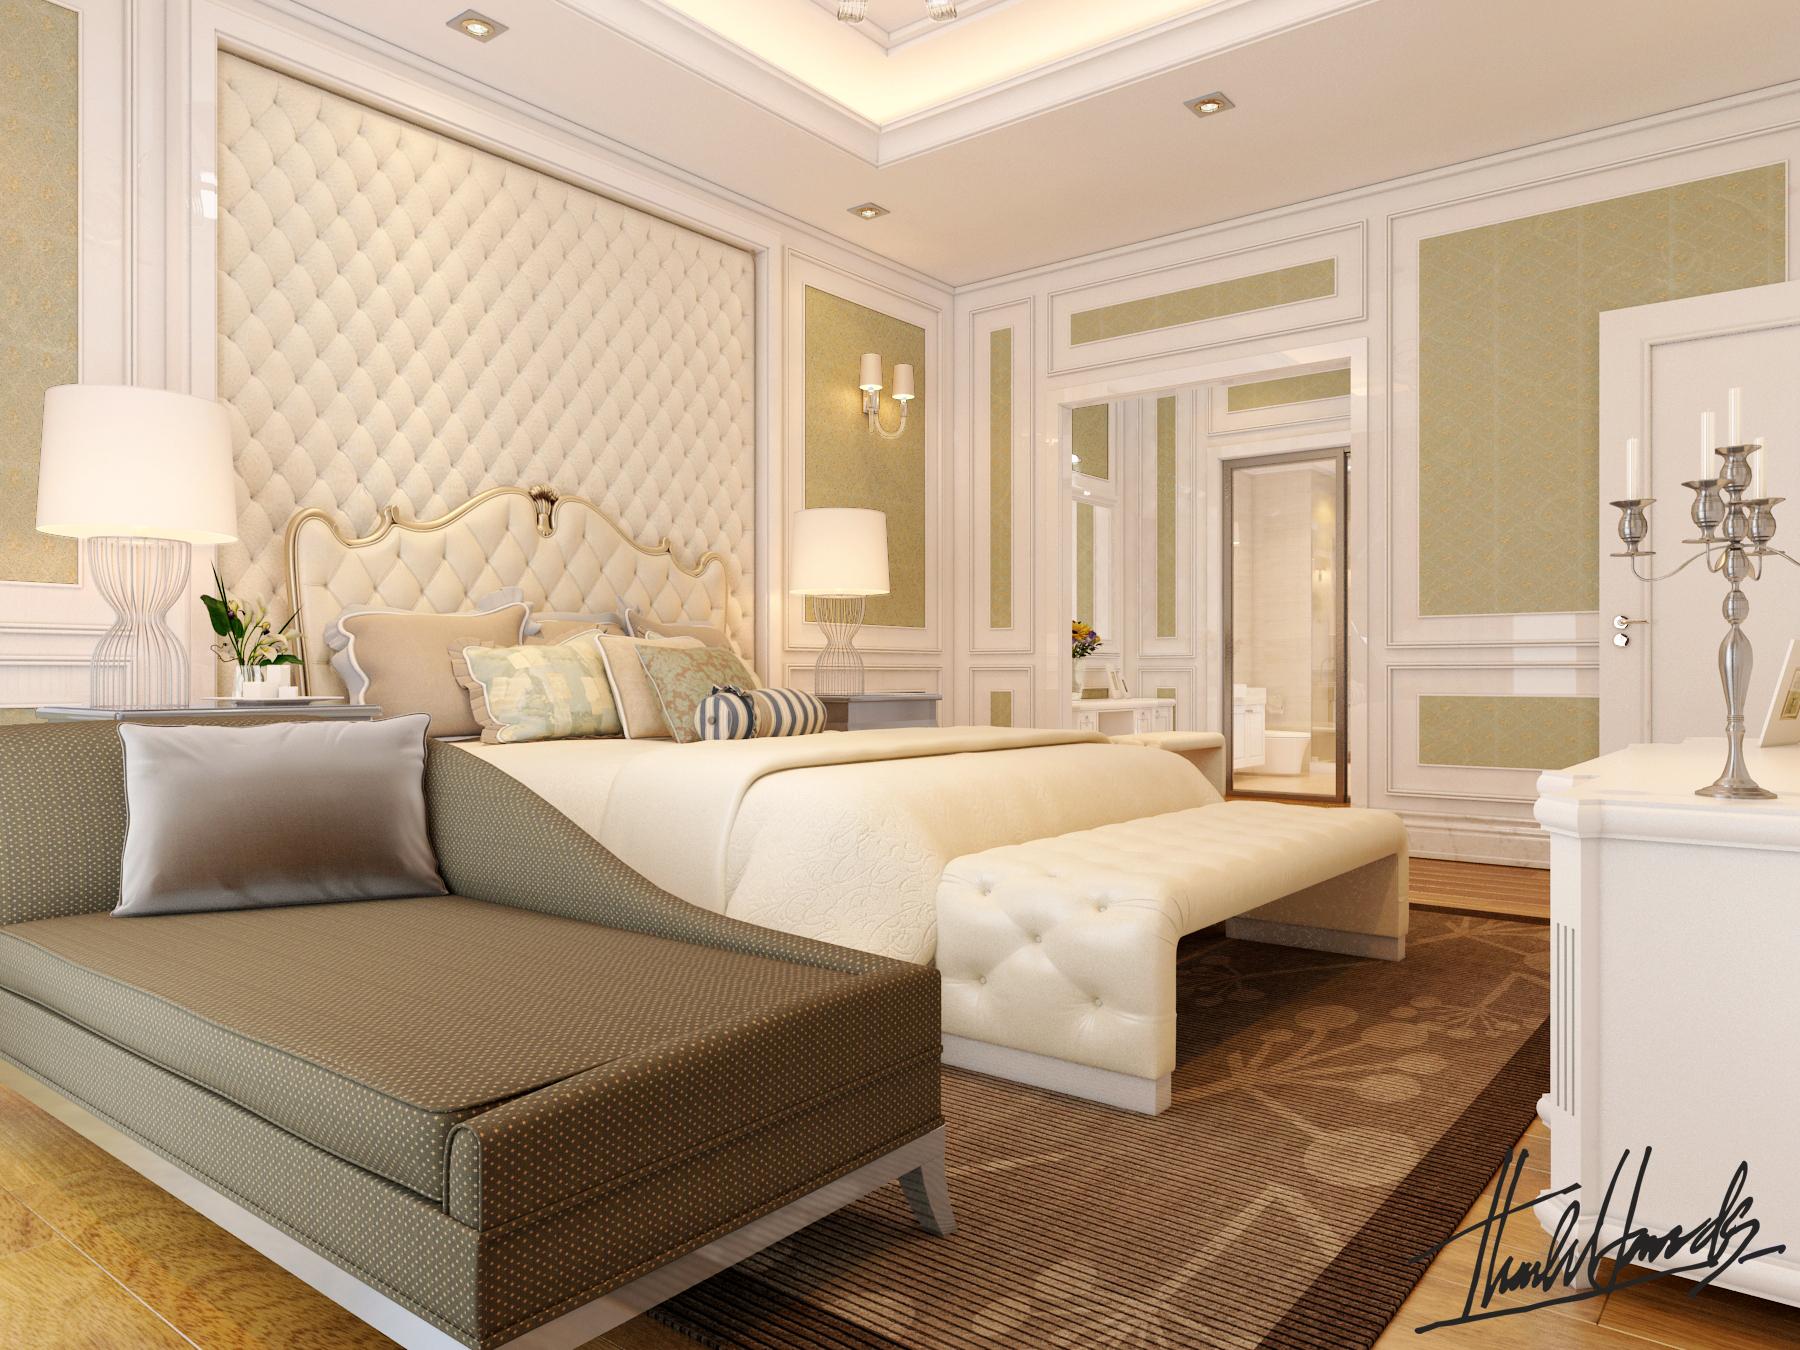 thiết kế nội thất chung cư tại Hà Nội chung cư trang an complex 9 1568277032